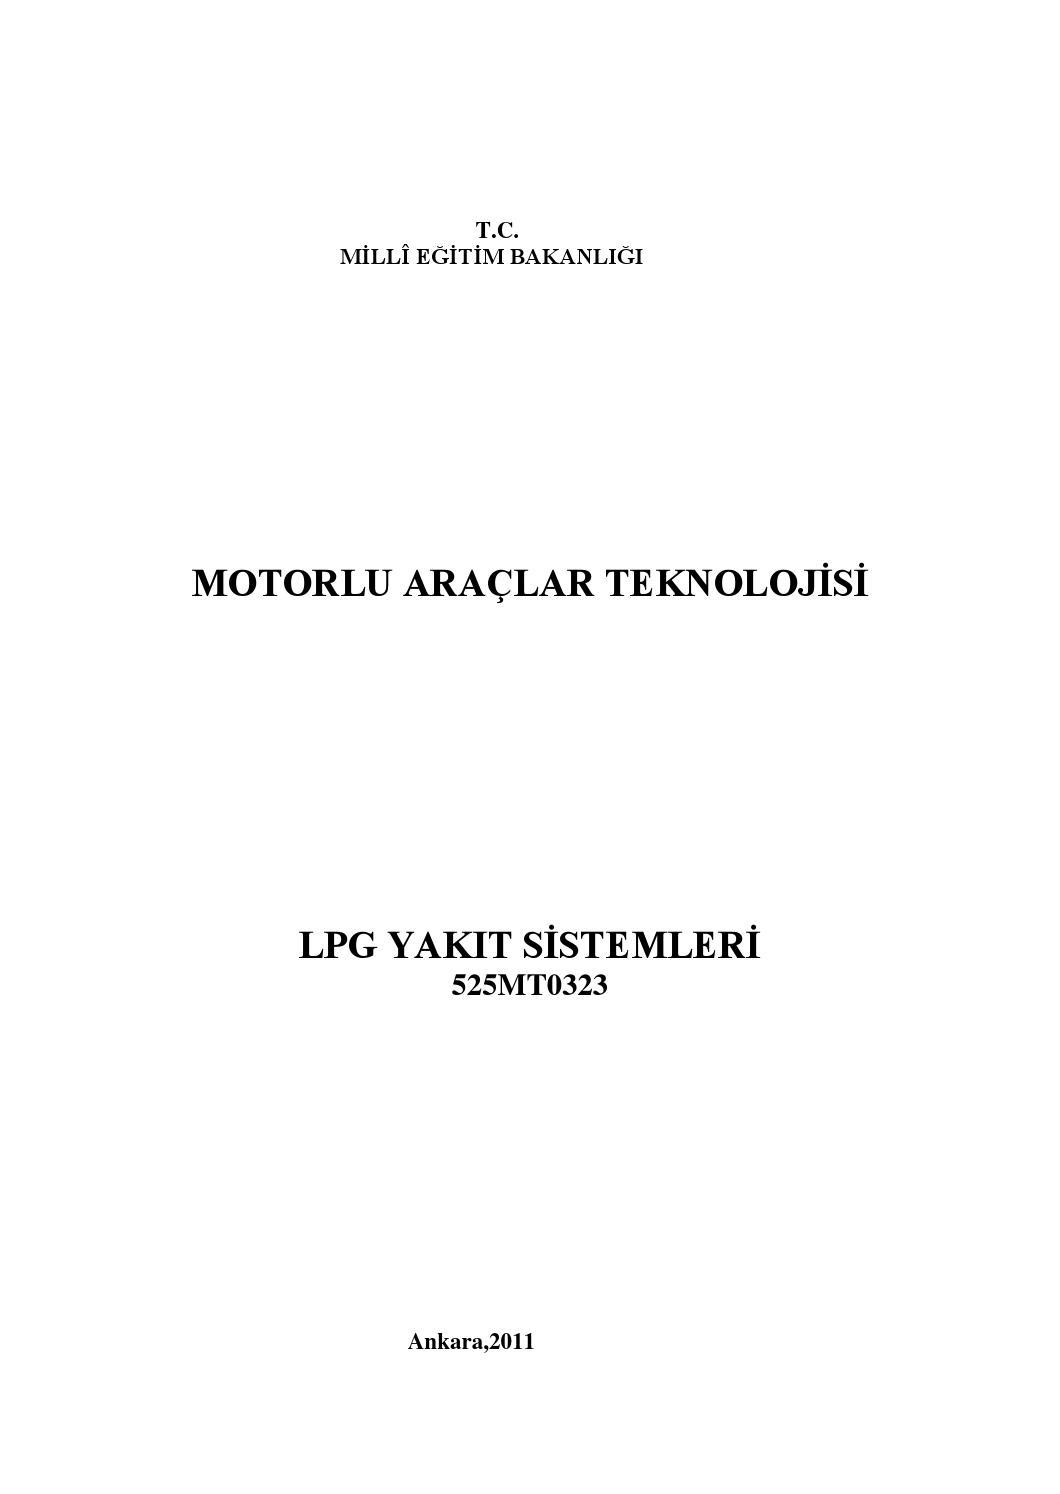 Motor silindirlerin diagnostik ve onarımı